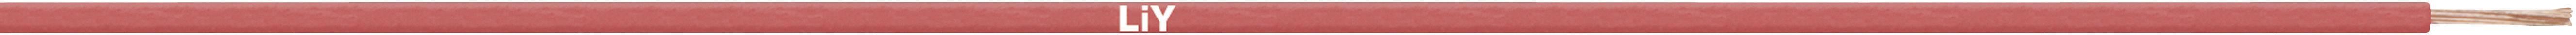 Opletenie / lanko LappKabel 4125001S LiY, 1 x 0.14 mm², vonkajší Ø 1.10 mm, metrový tovar, čierna